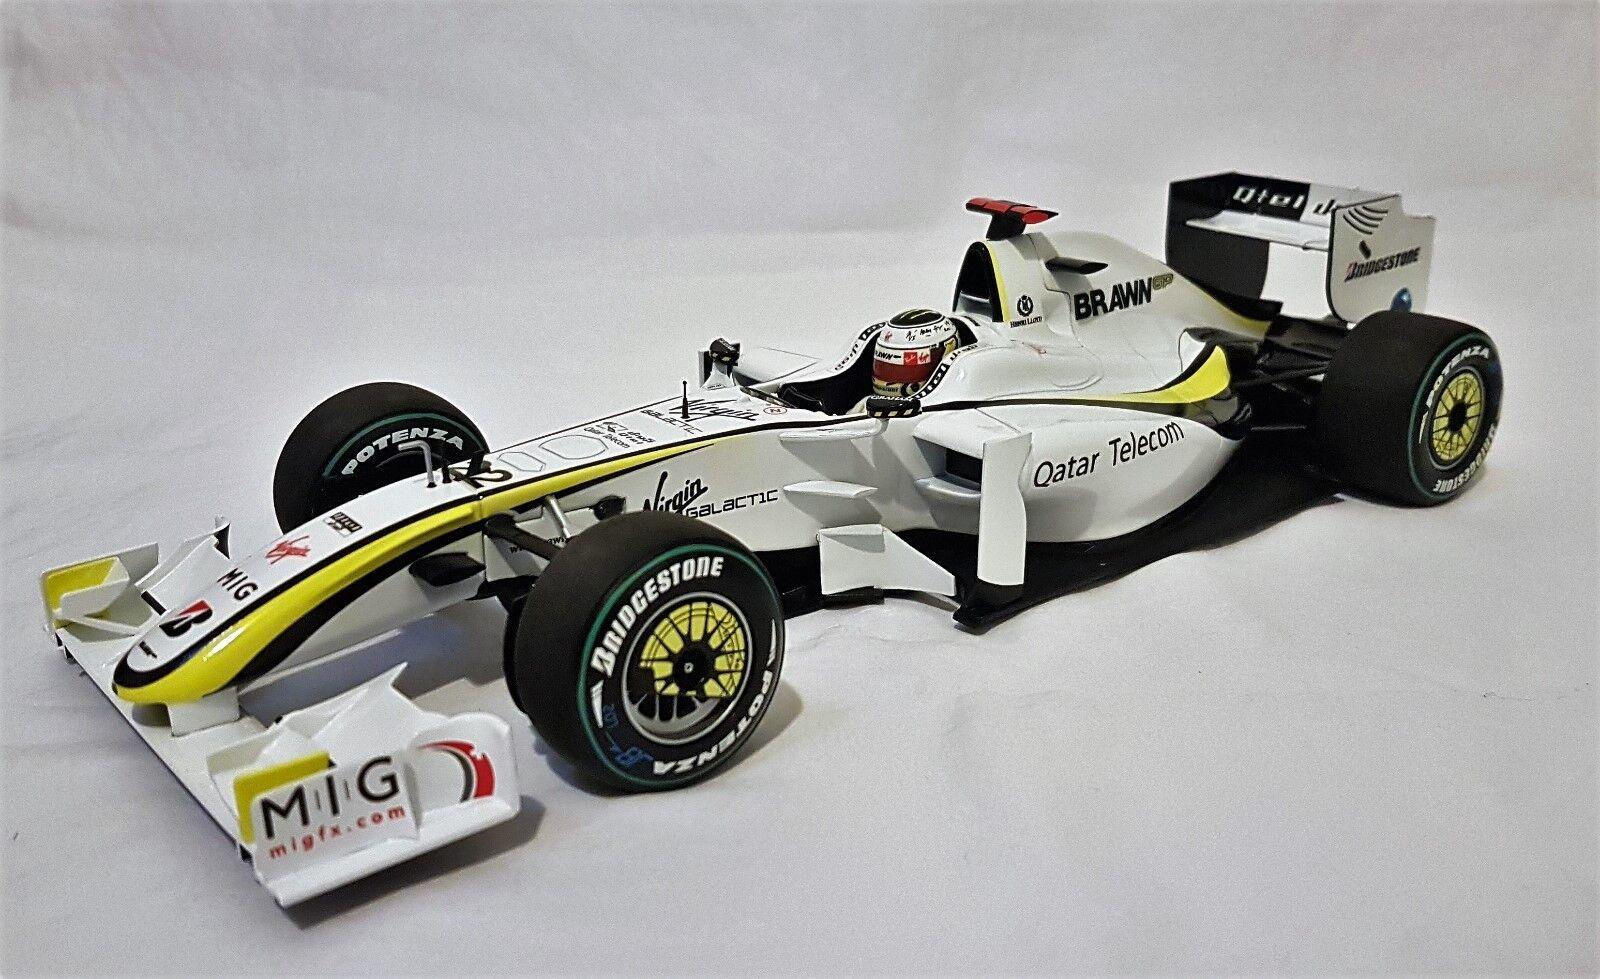 Minichamps 186090022 - Brawn GP BGP001 Jenson Button World Champion